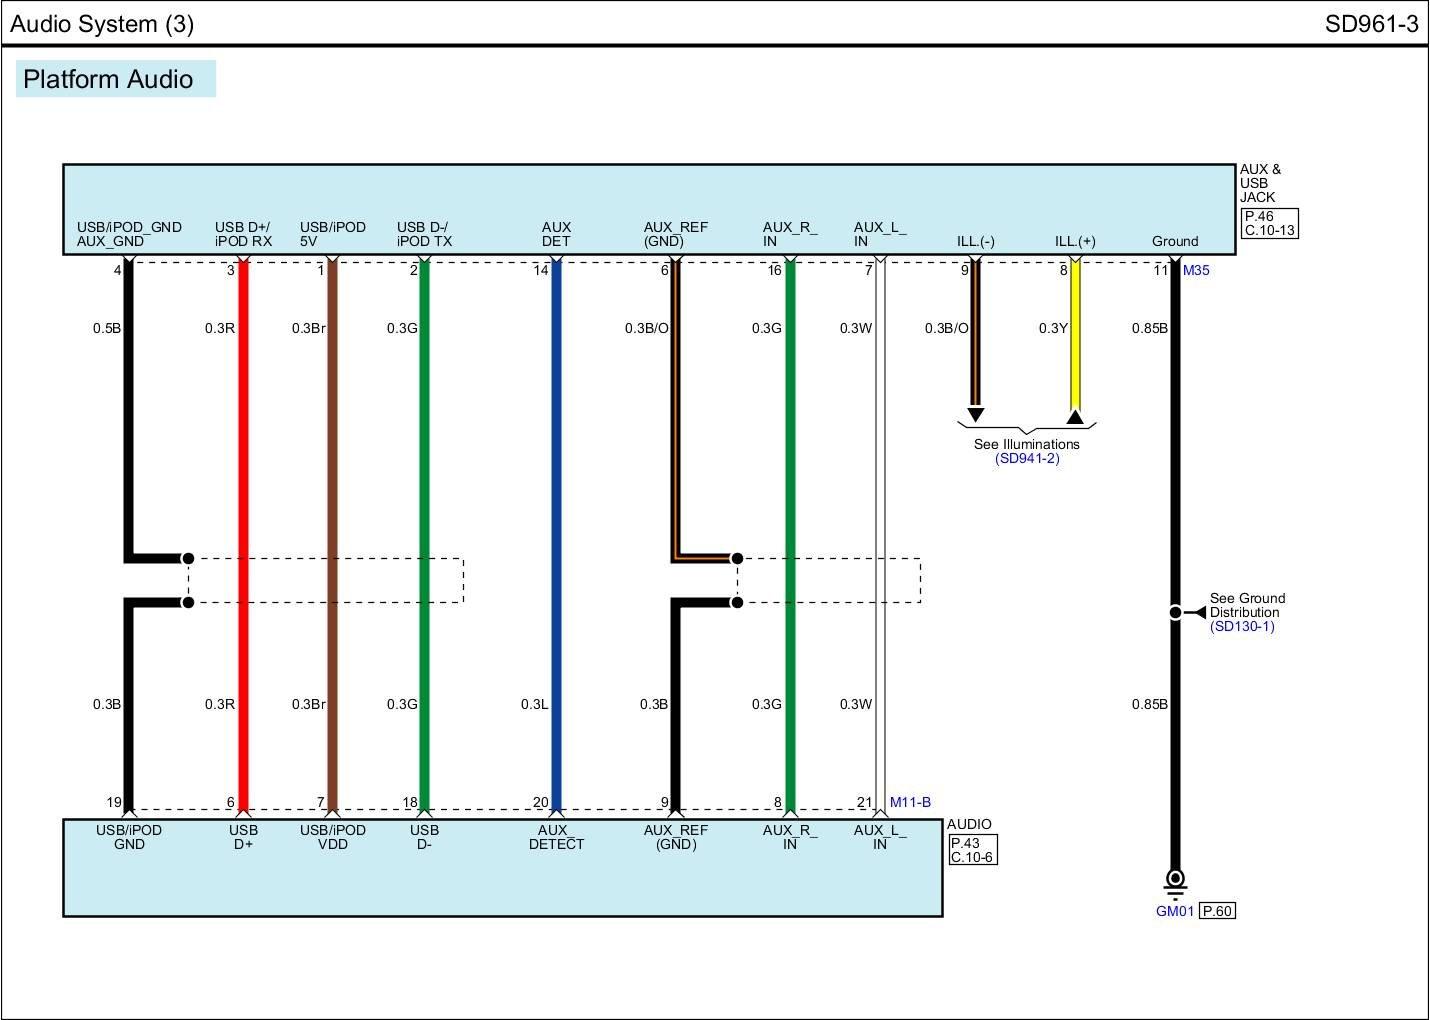 wiring diagram for 2013 kia rio sx with navigation page 2 kia on kia rio wiring diagram